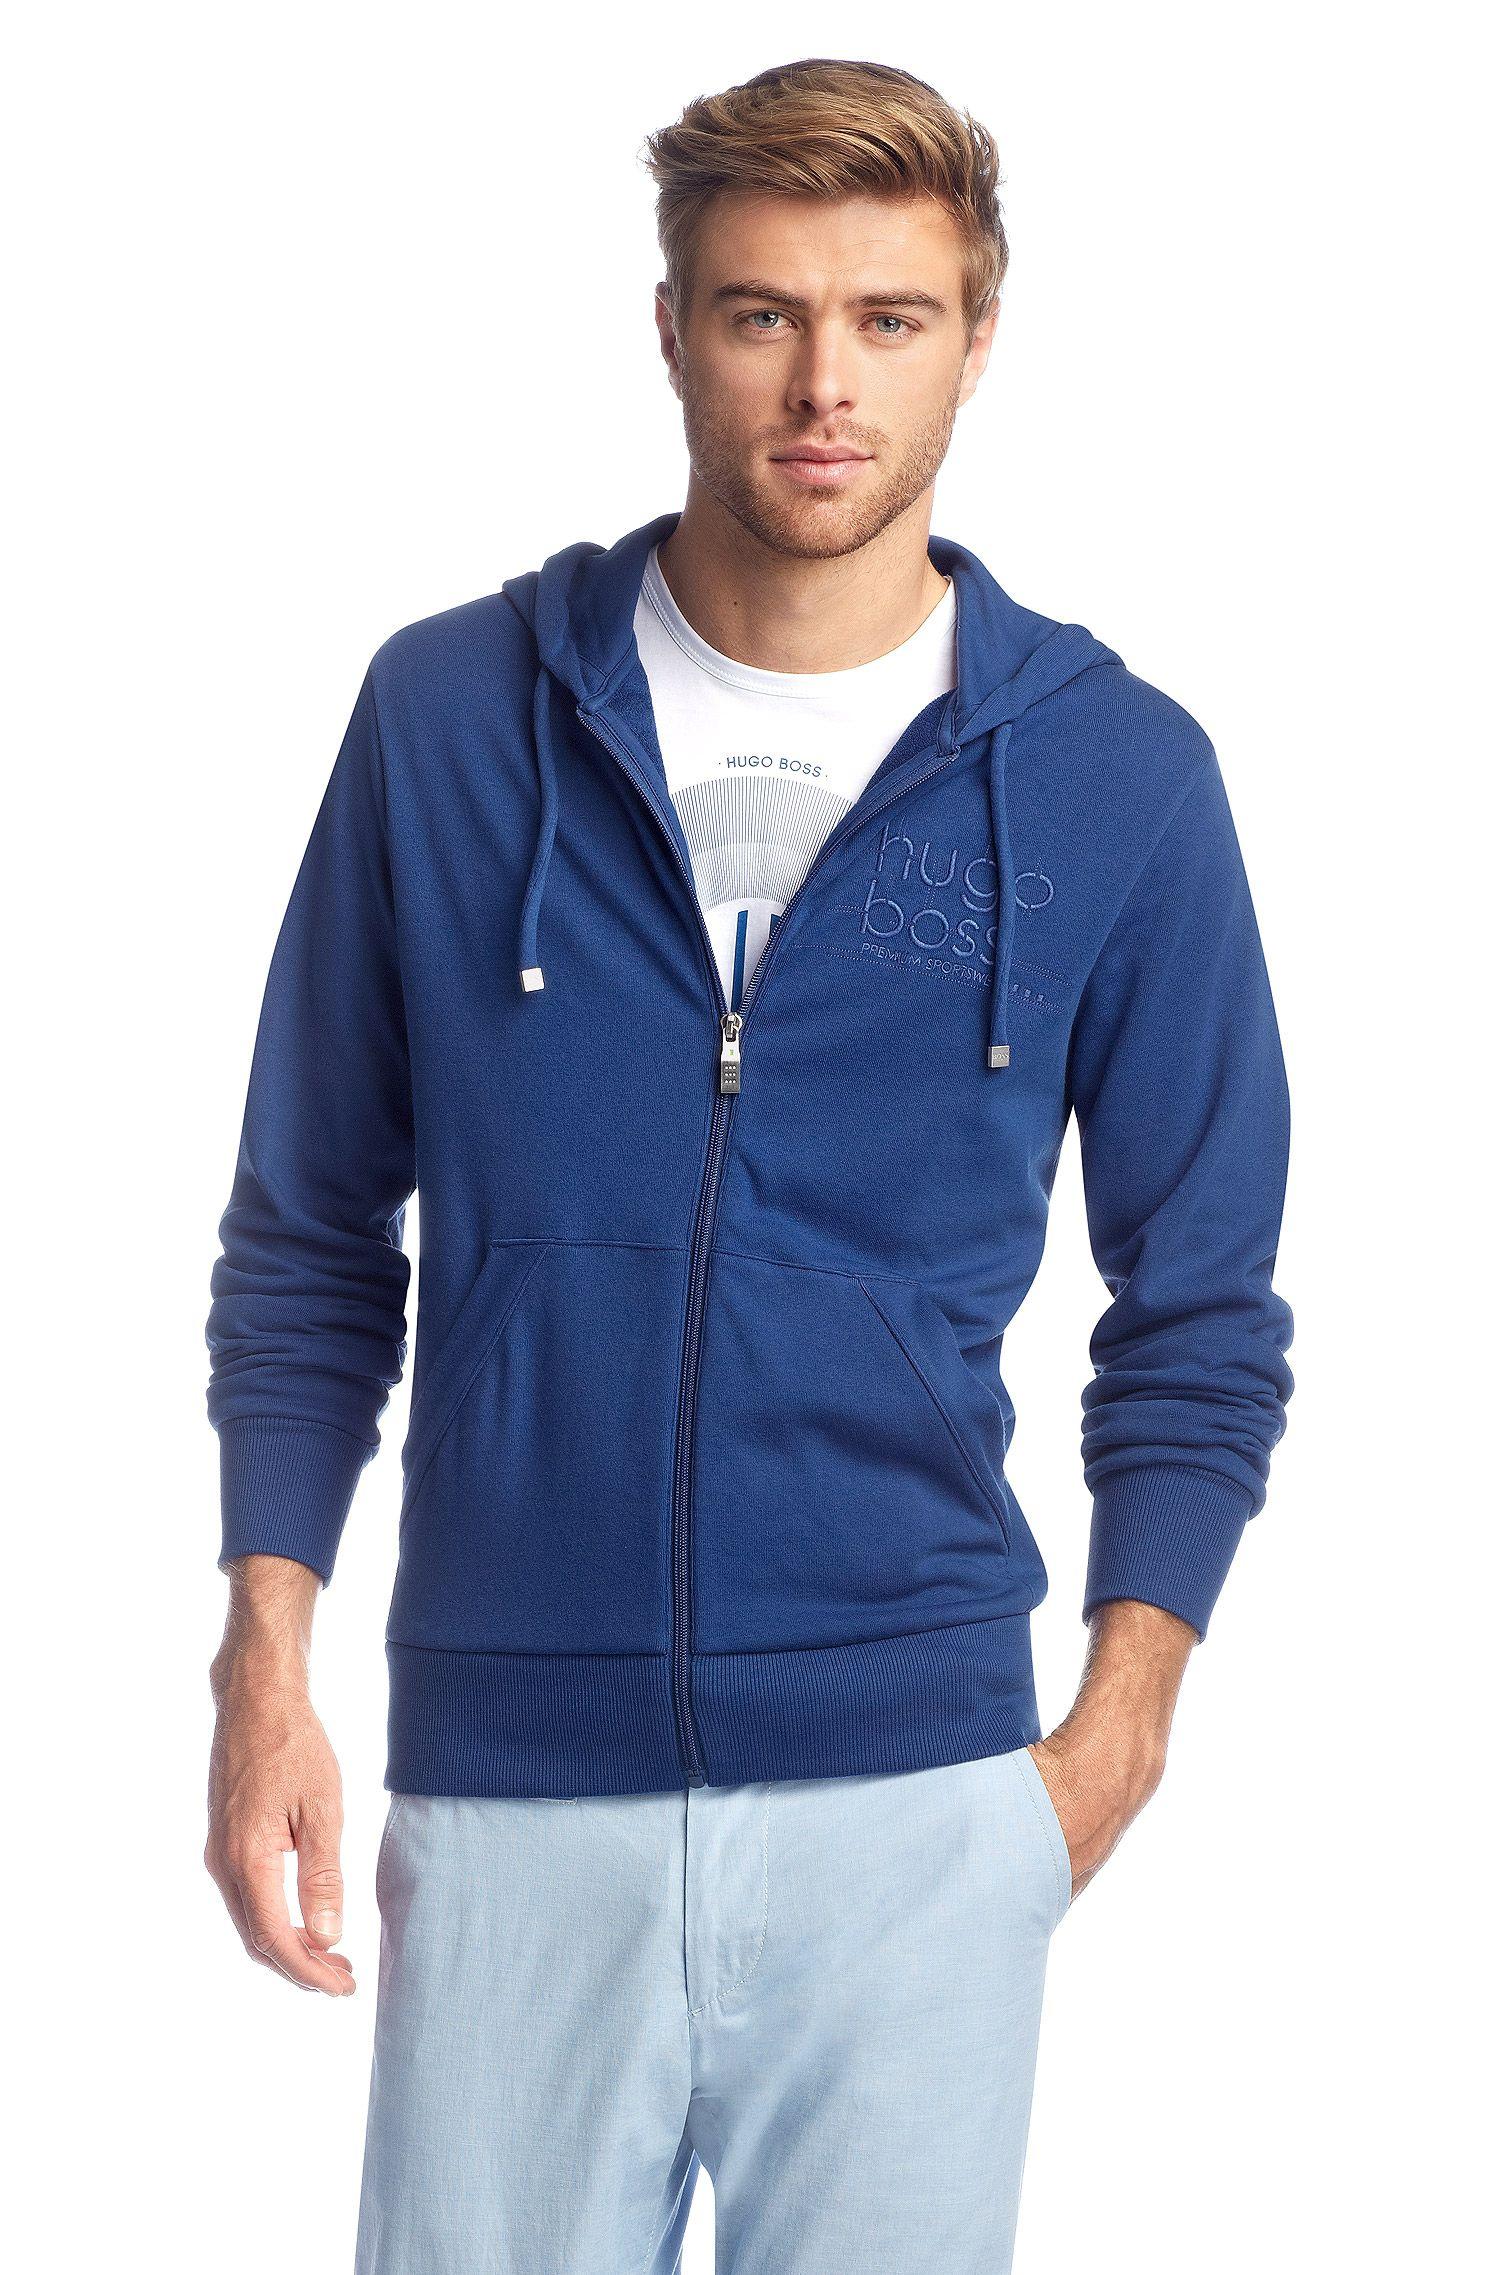 Sweatshirtjack ´Saggos`, van zuiver katoen